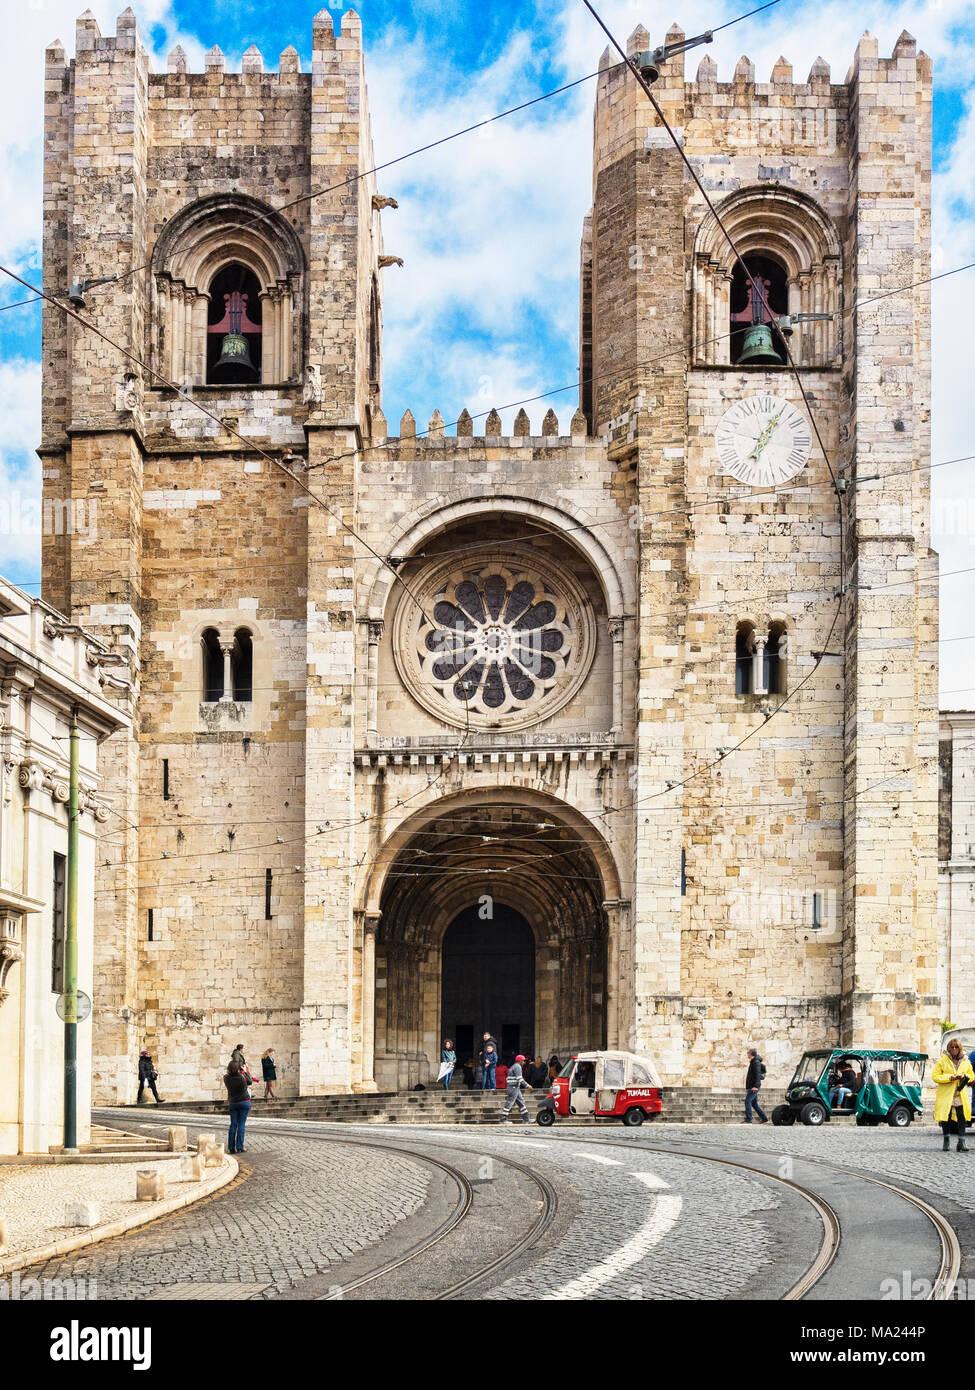 1 Marzo 2018: Lisbona, Portogallo, la Cattedrale, a Lisbona la Città Vecchia, con tuk tuks e turisti al di fuori. Immagini Stock